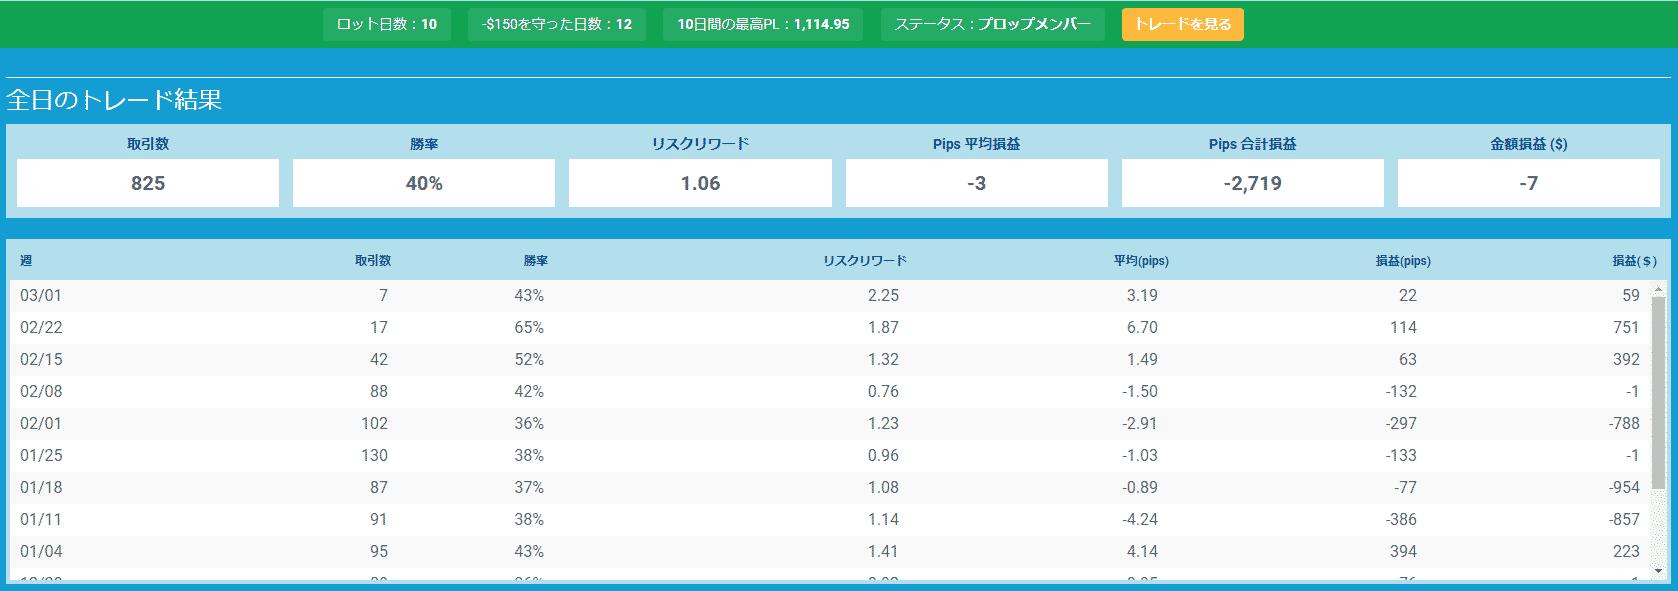 プロップトレーダーチャートMana3